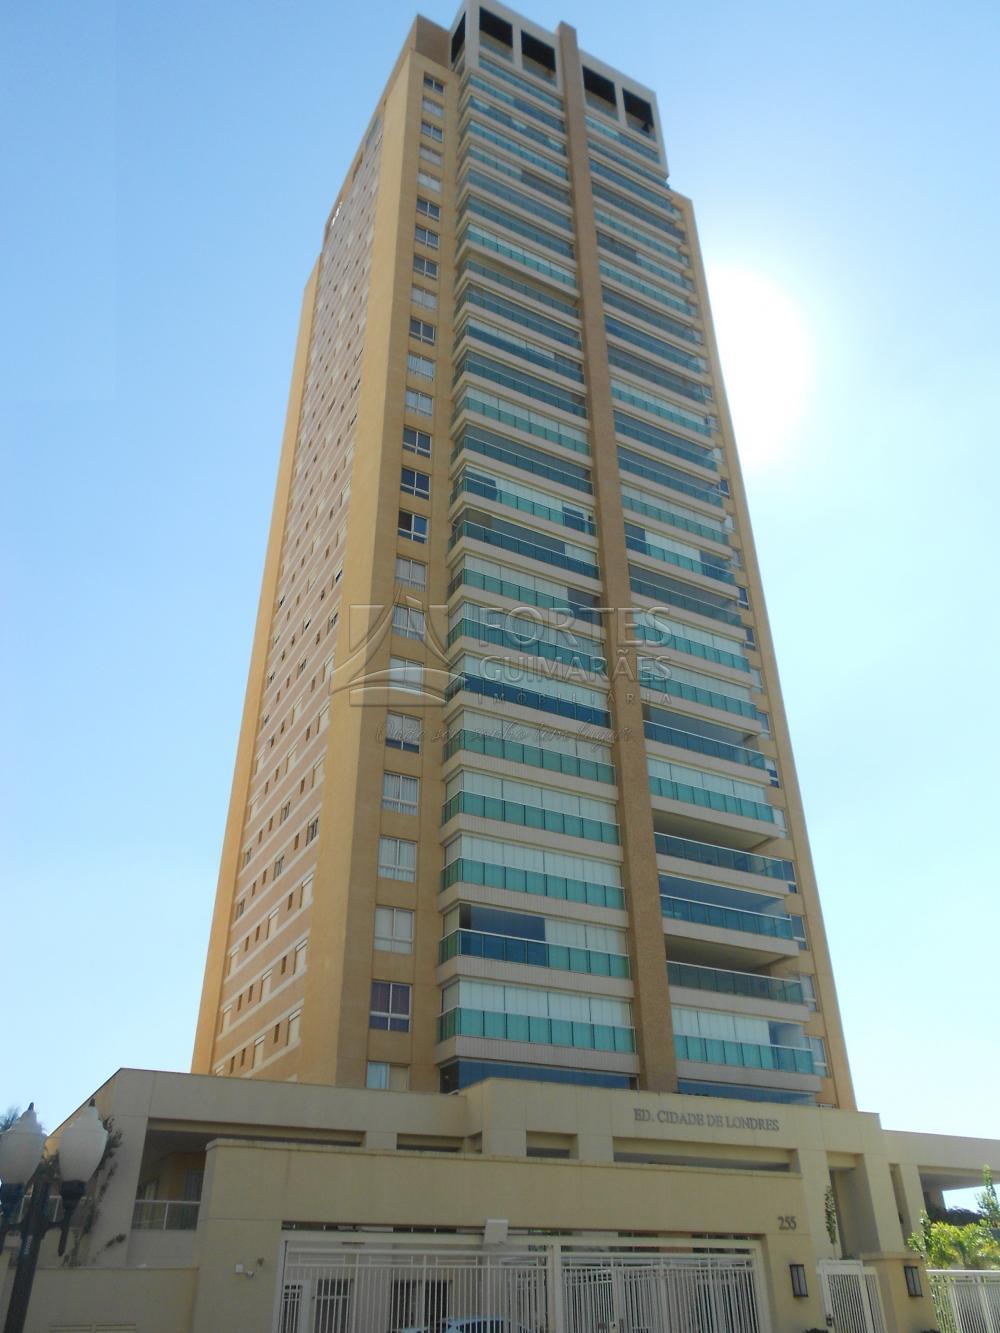 Alugar Apartamentos / Padrão em Ribeirão Preto apenas R$ 8.500,00 - Foto 1